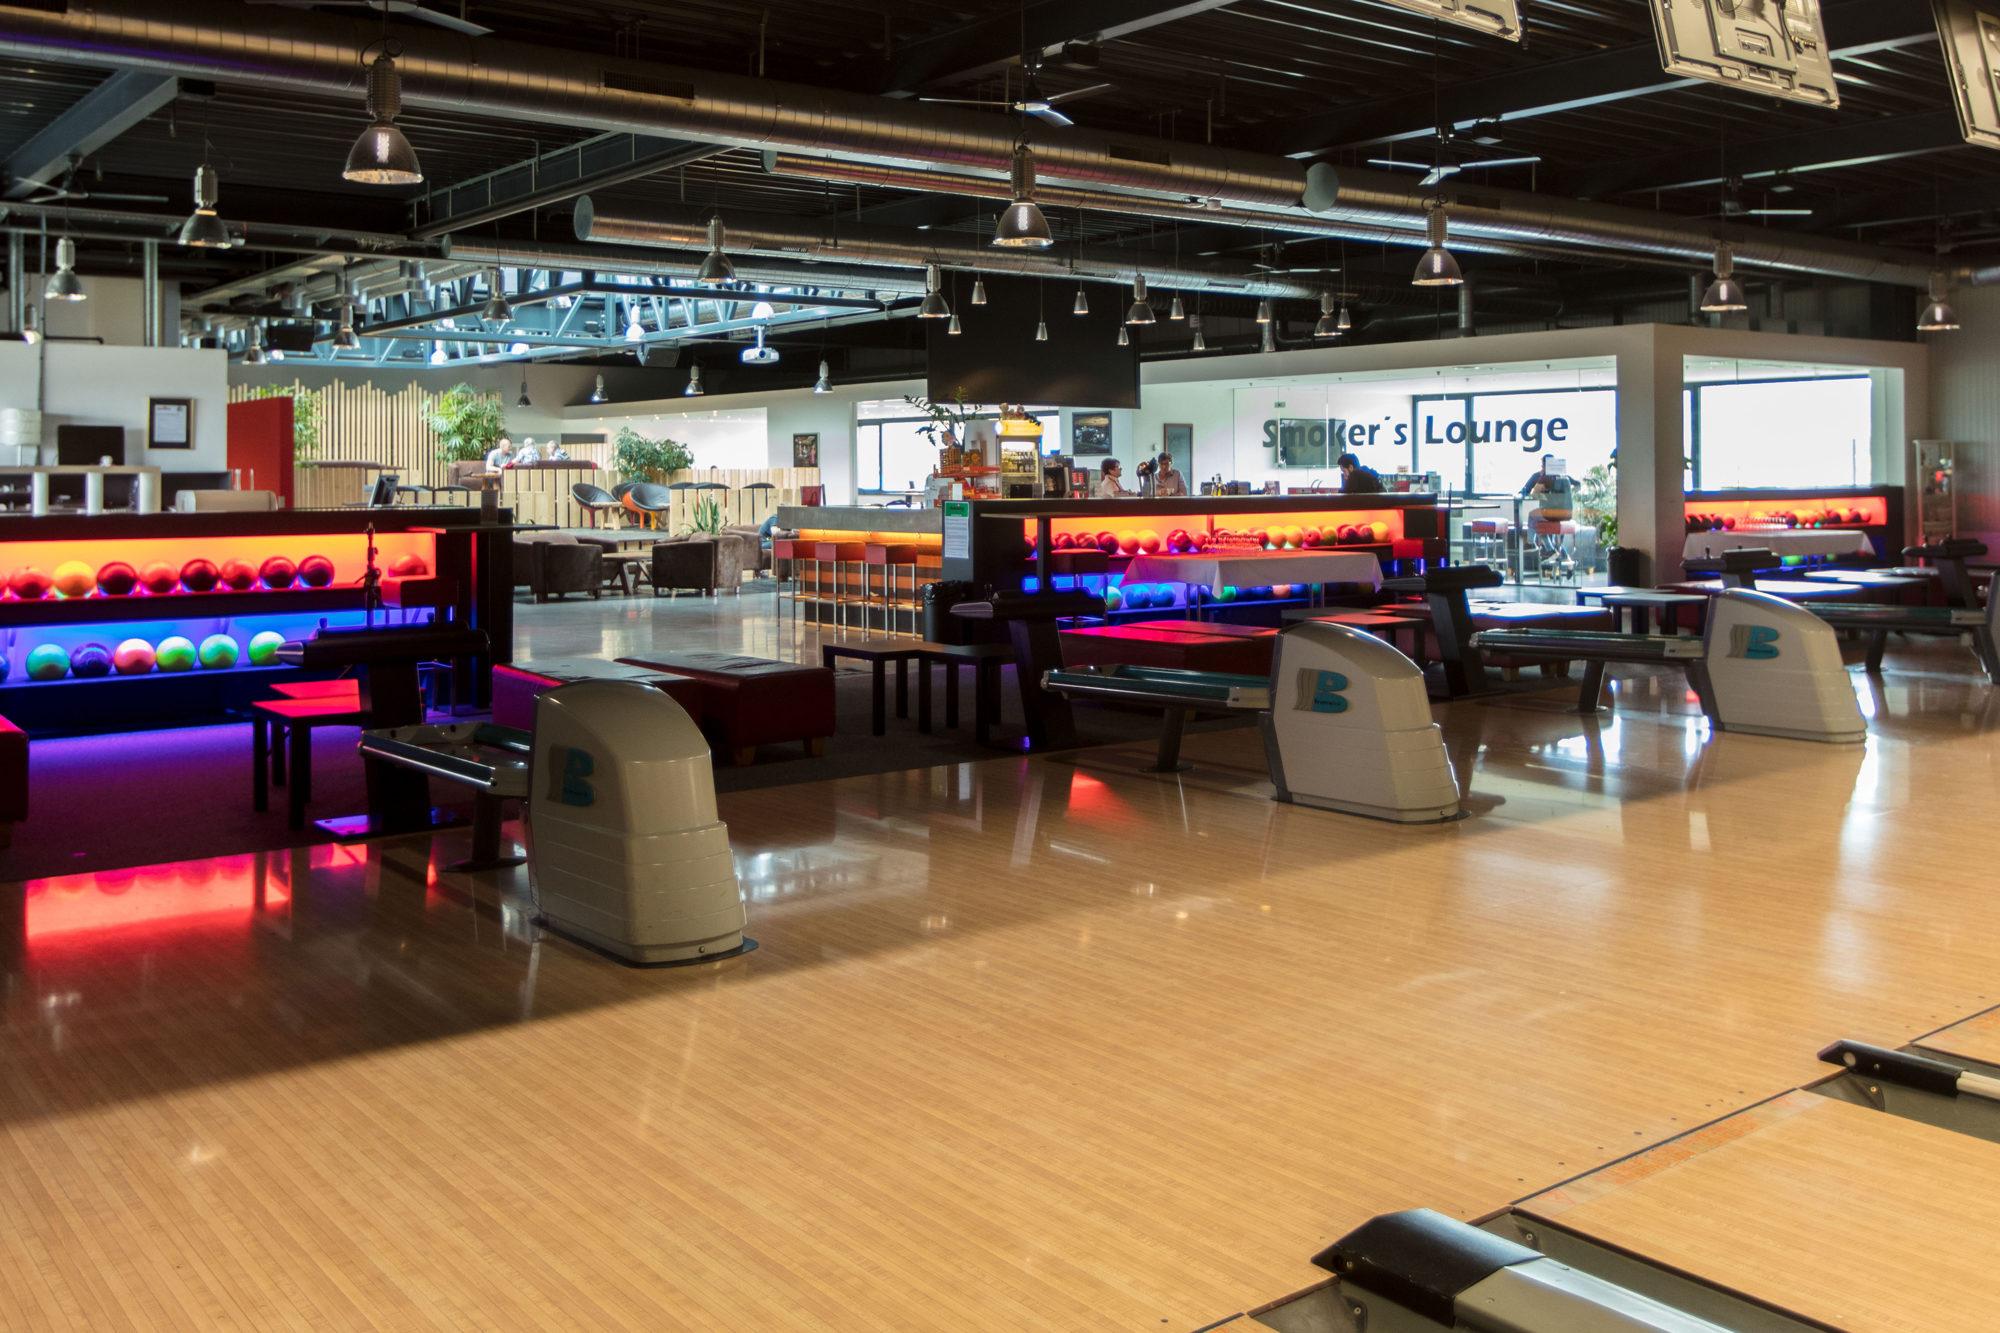 Das Bowlingcenter